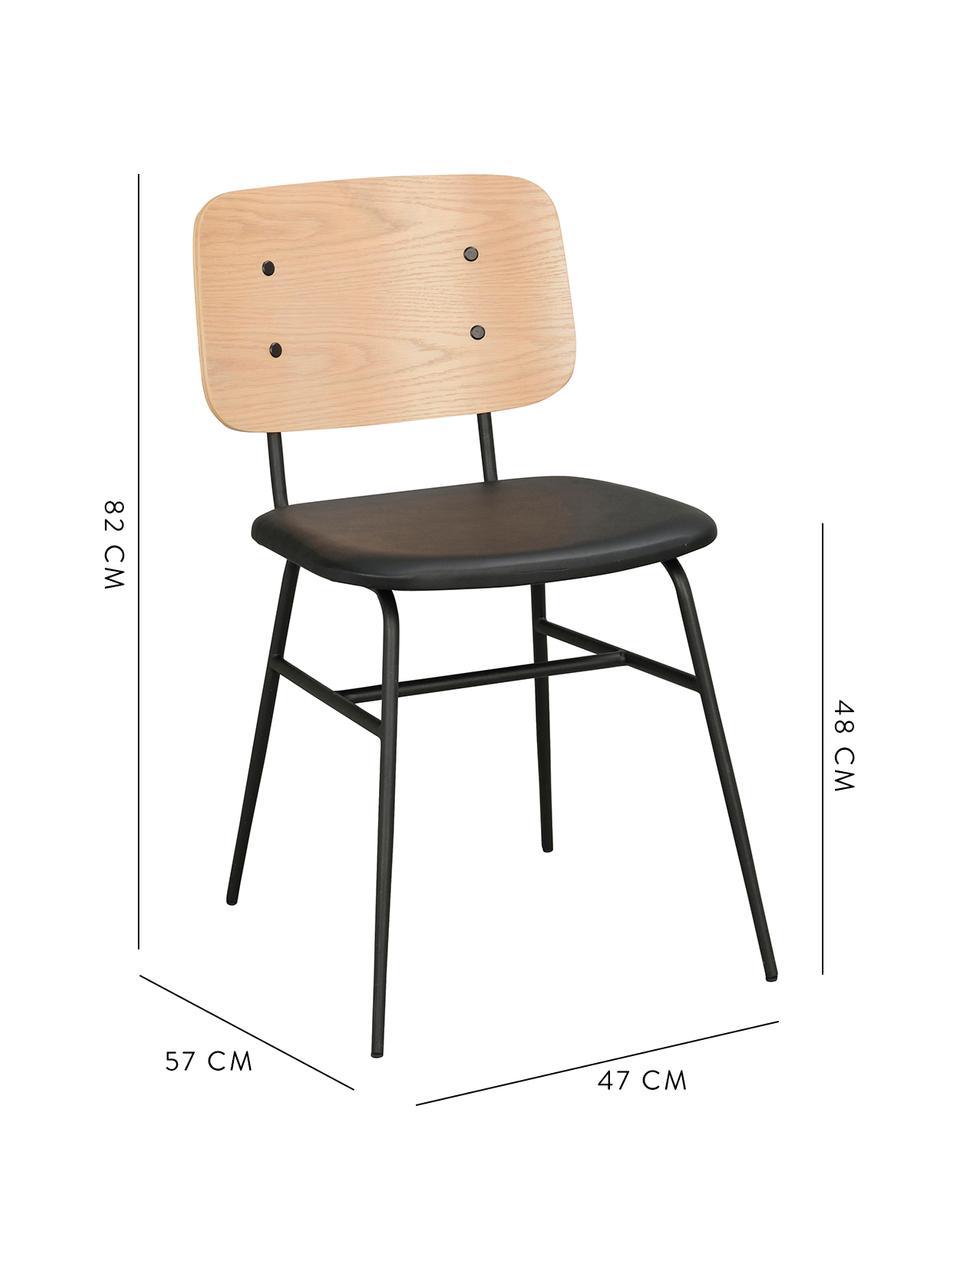 Holzstuhl Brent, Rückenlehne: Eichenfurniersperrholz, l, Sitzfläche: Kunstleder (Polyurethan), Gestell: Metall, lackiert, Eiche, B 47 x T 57 cm